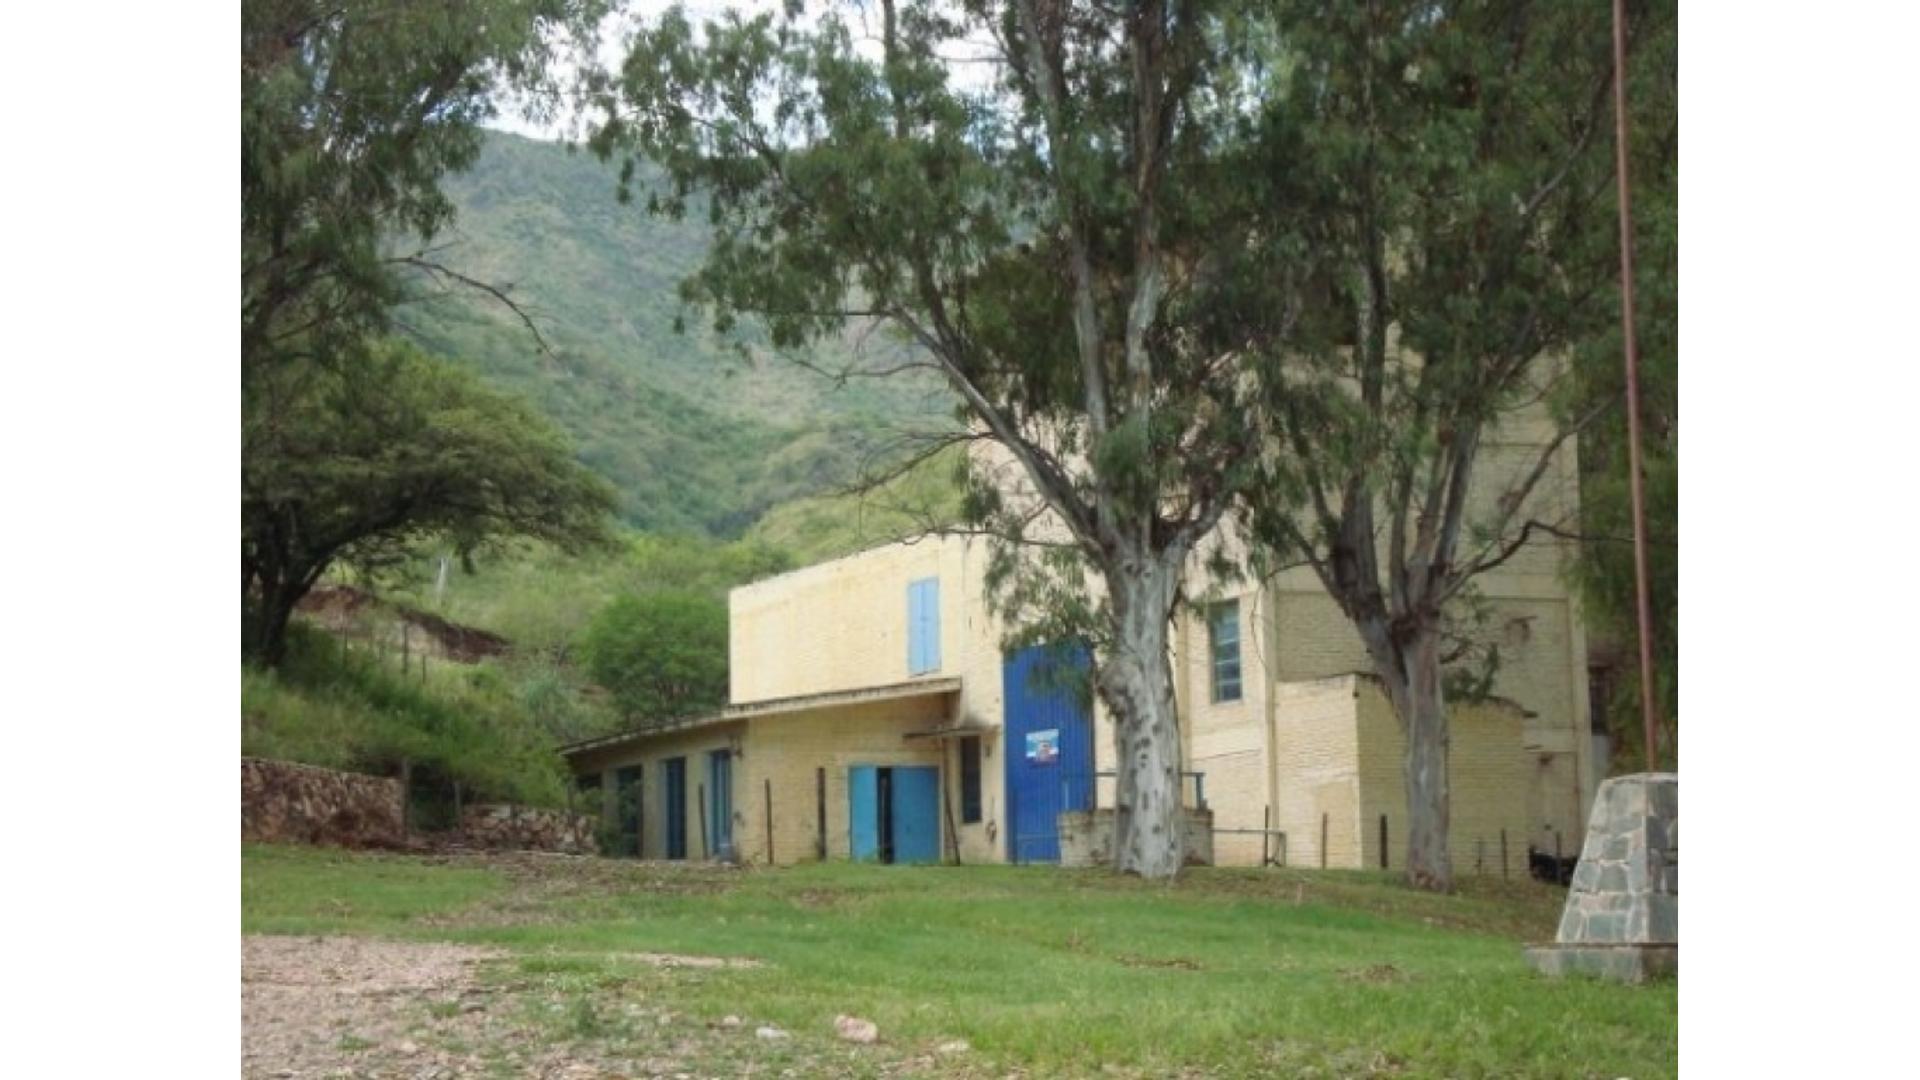 Vendo Casas Y Departamentos A Reciclar 100 - $ 1.800.000 - Fondo de Comercio en Venta